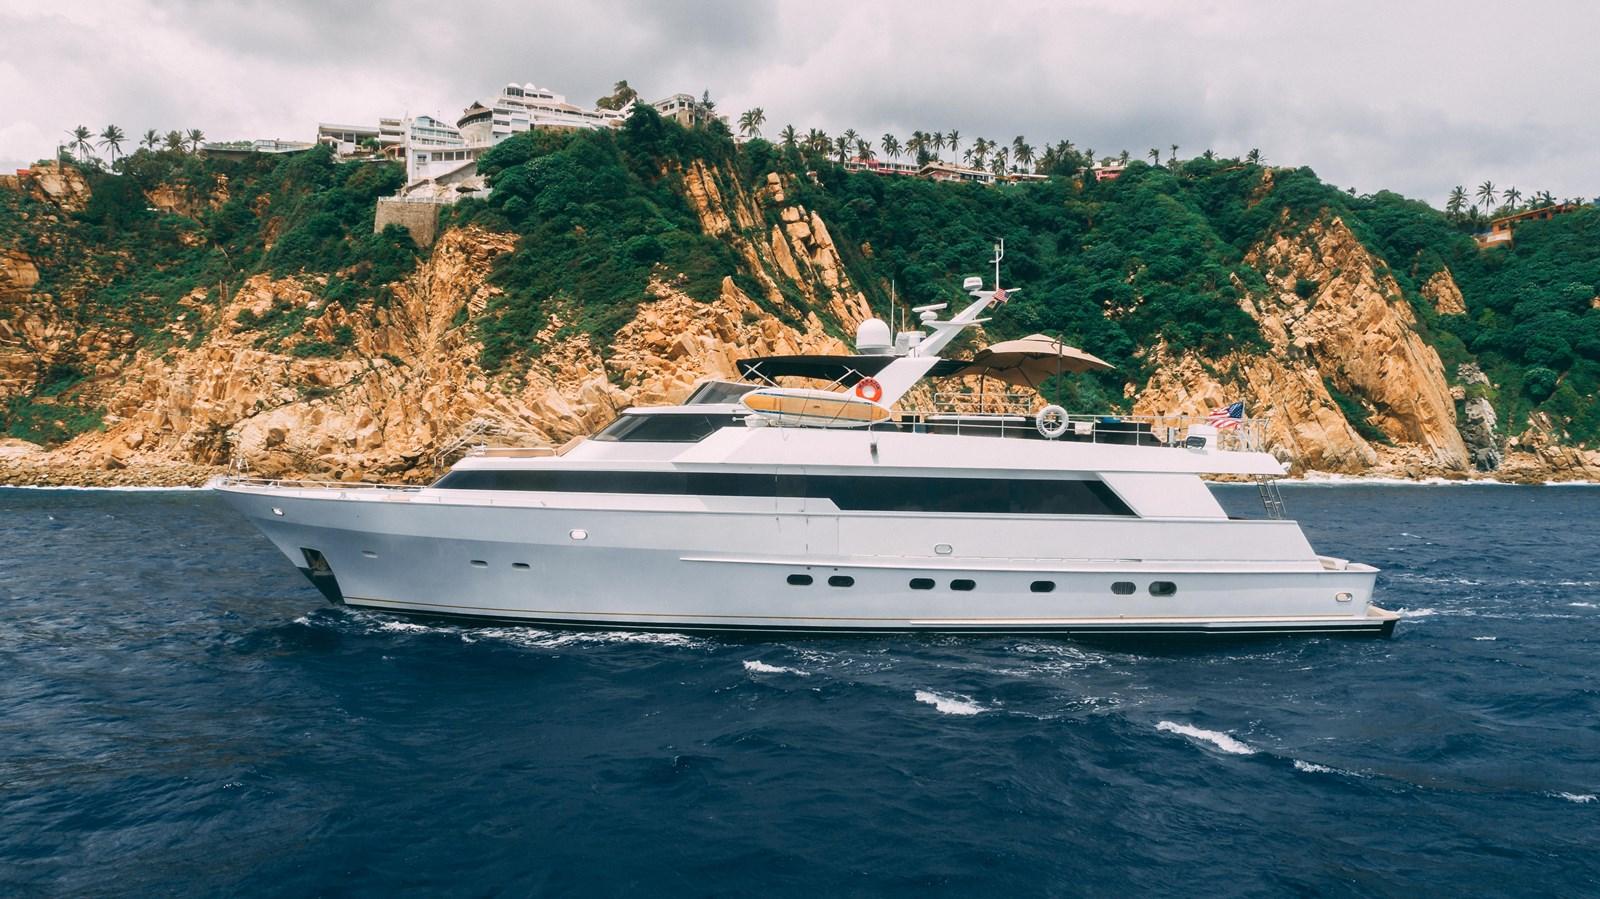 MARAZUL yacht for sale